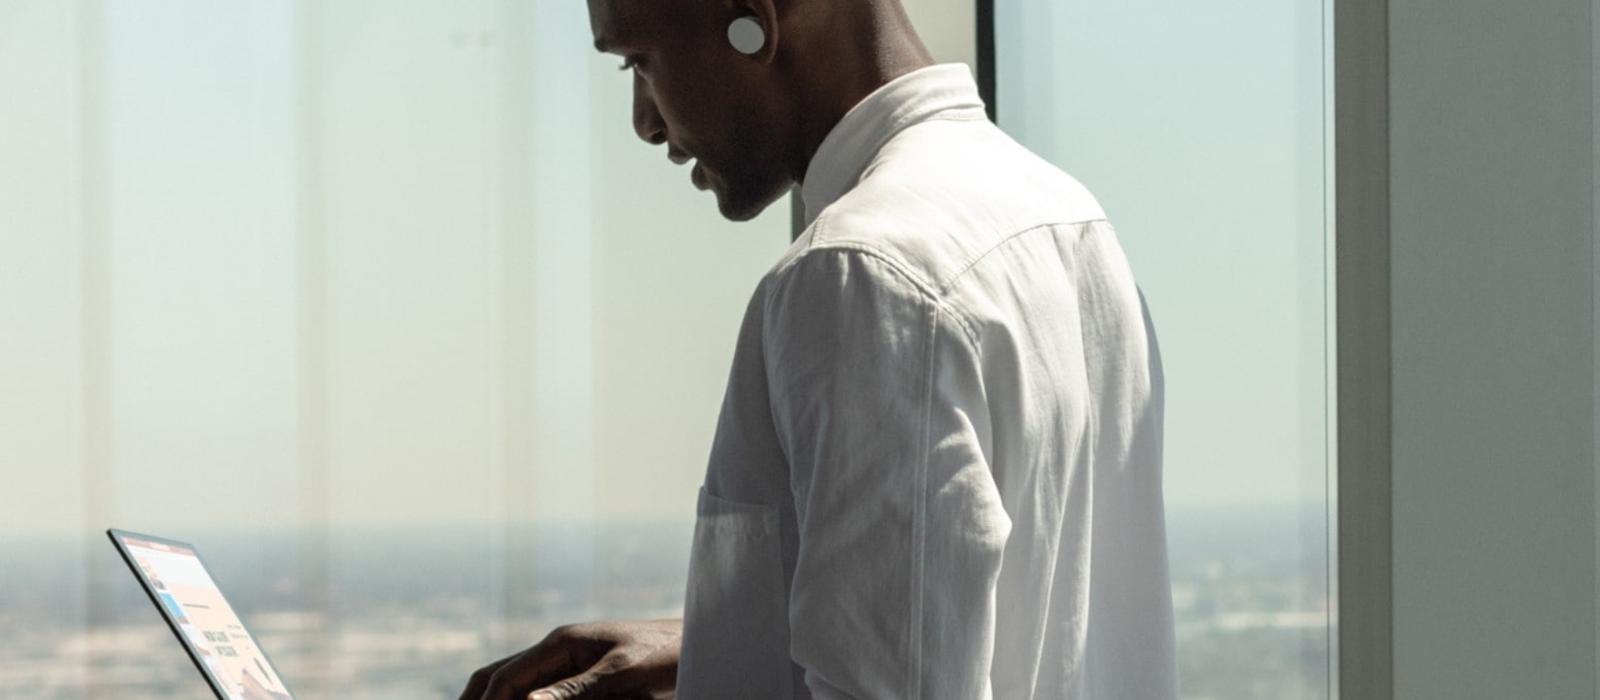 Die Seitenansicht eines Mann zeigt, wie er die Surface Earbuds im Ohr trägt und auf einen Surface Laptop schaut